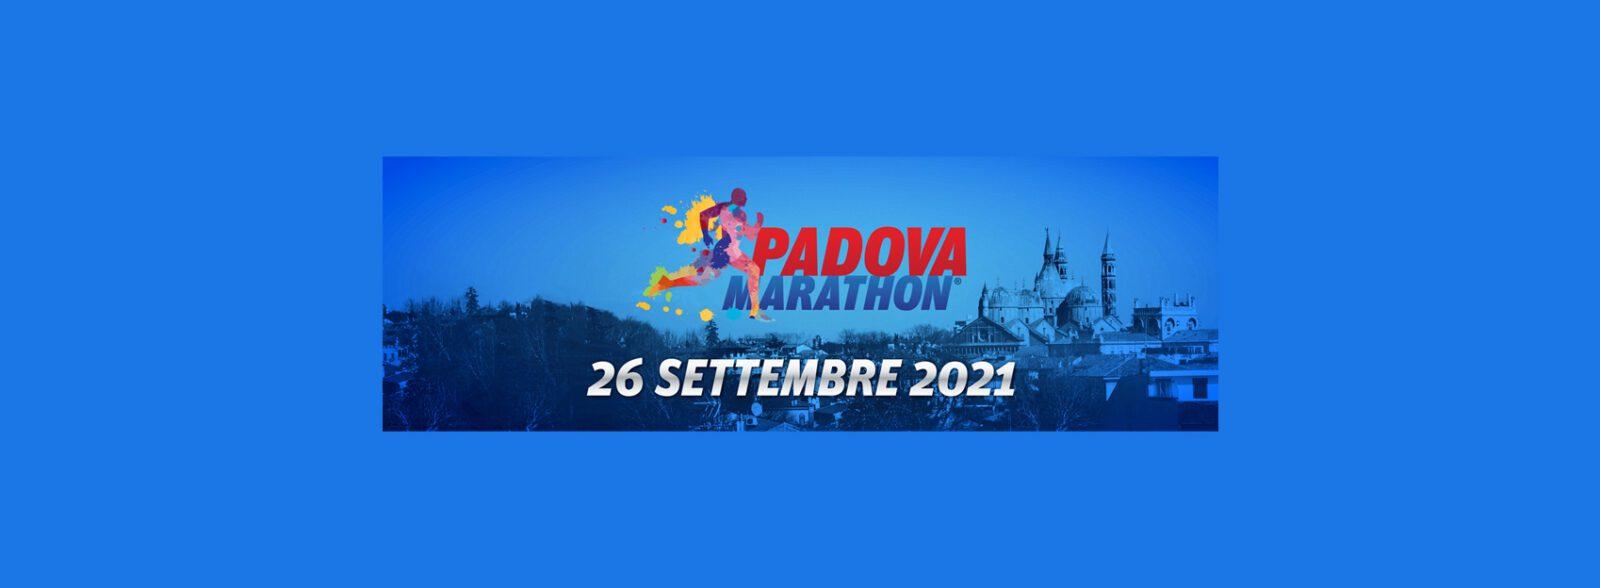 Ripartiamo dalla Padova Marathon!